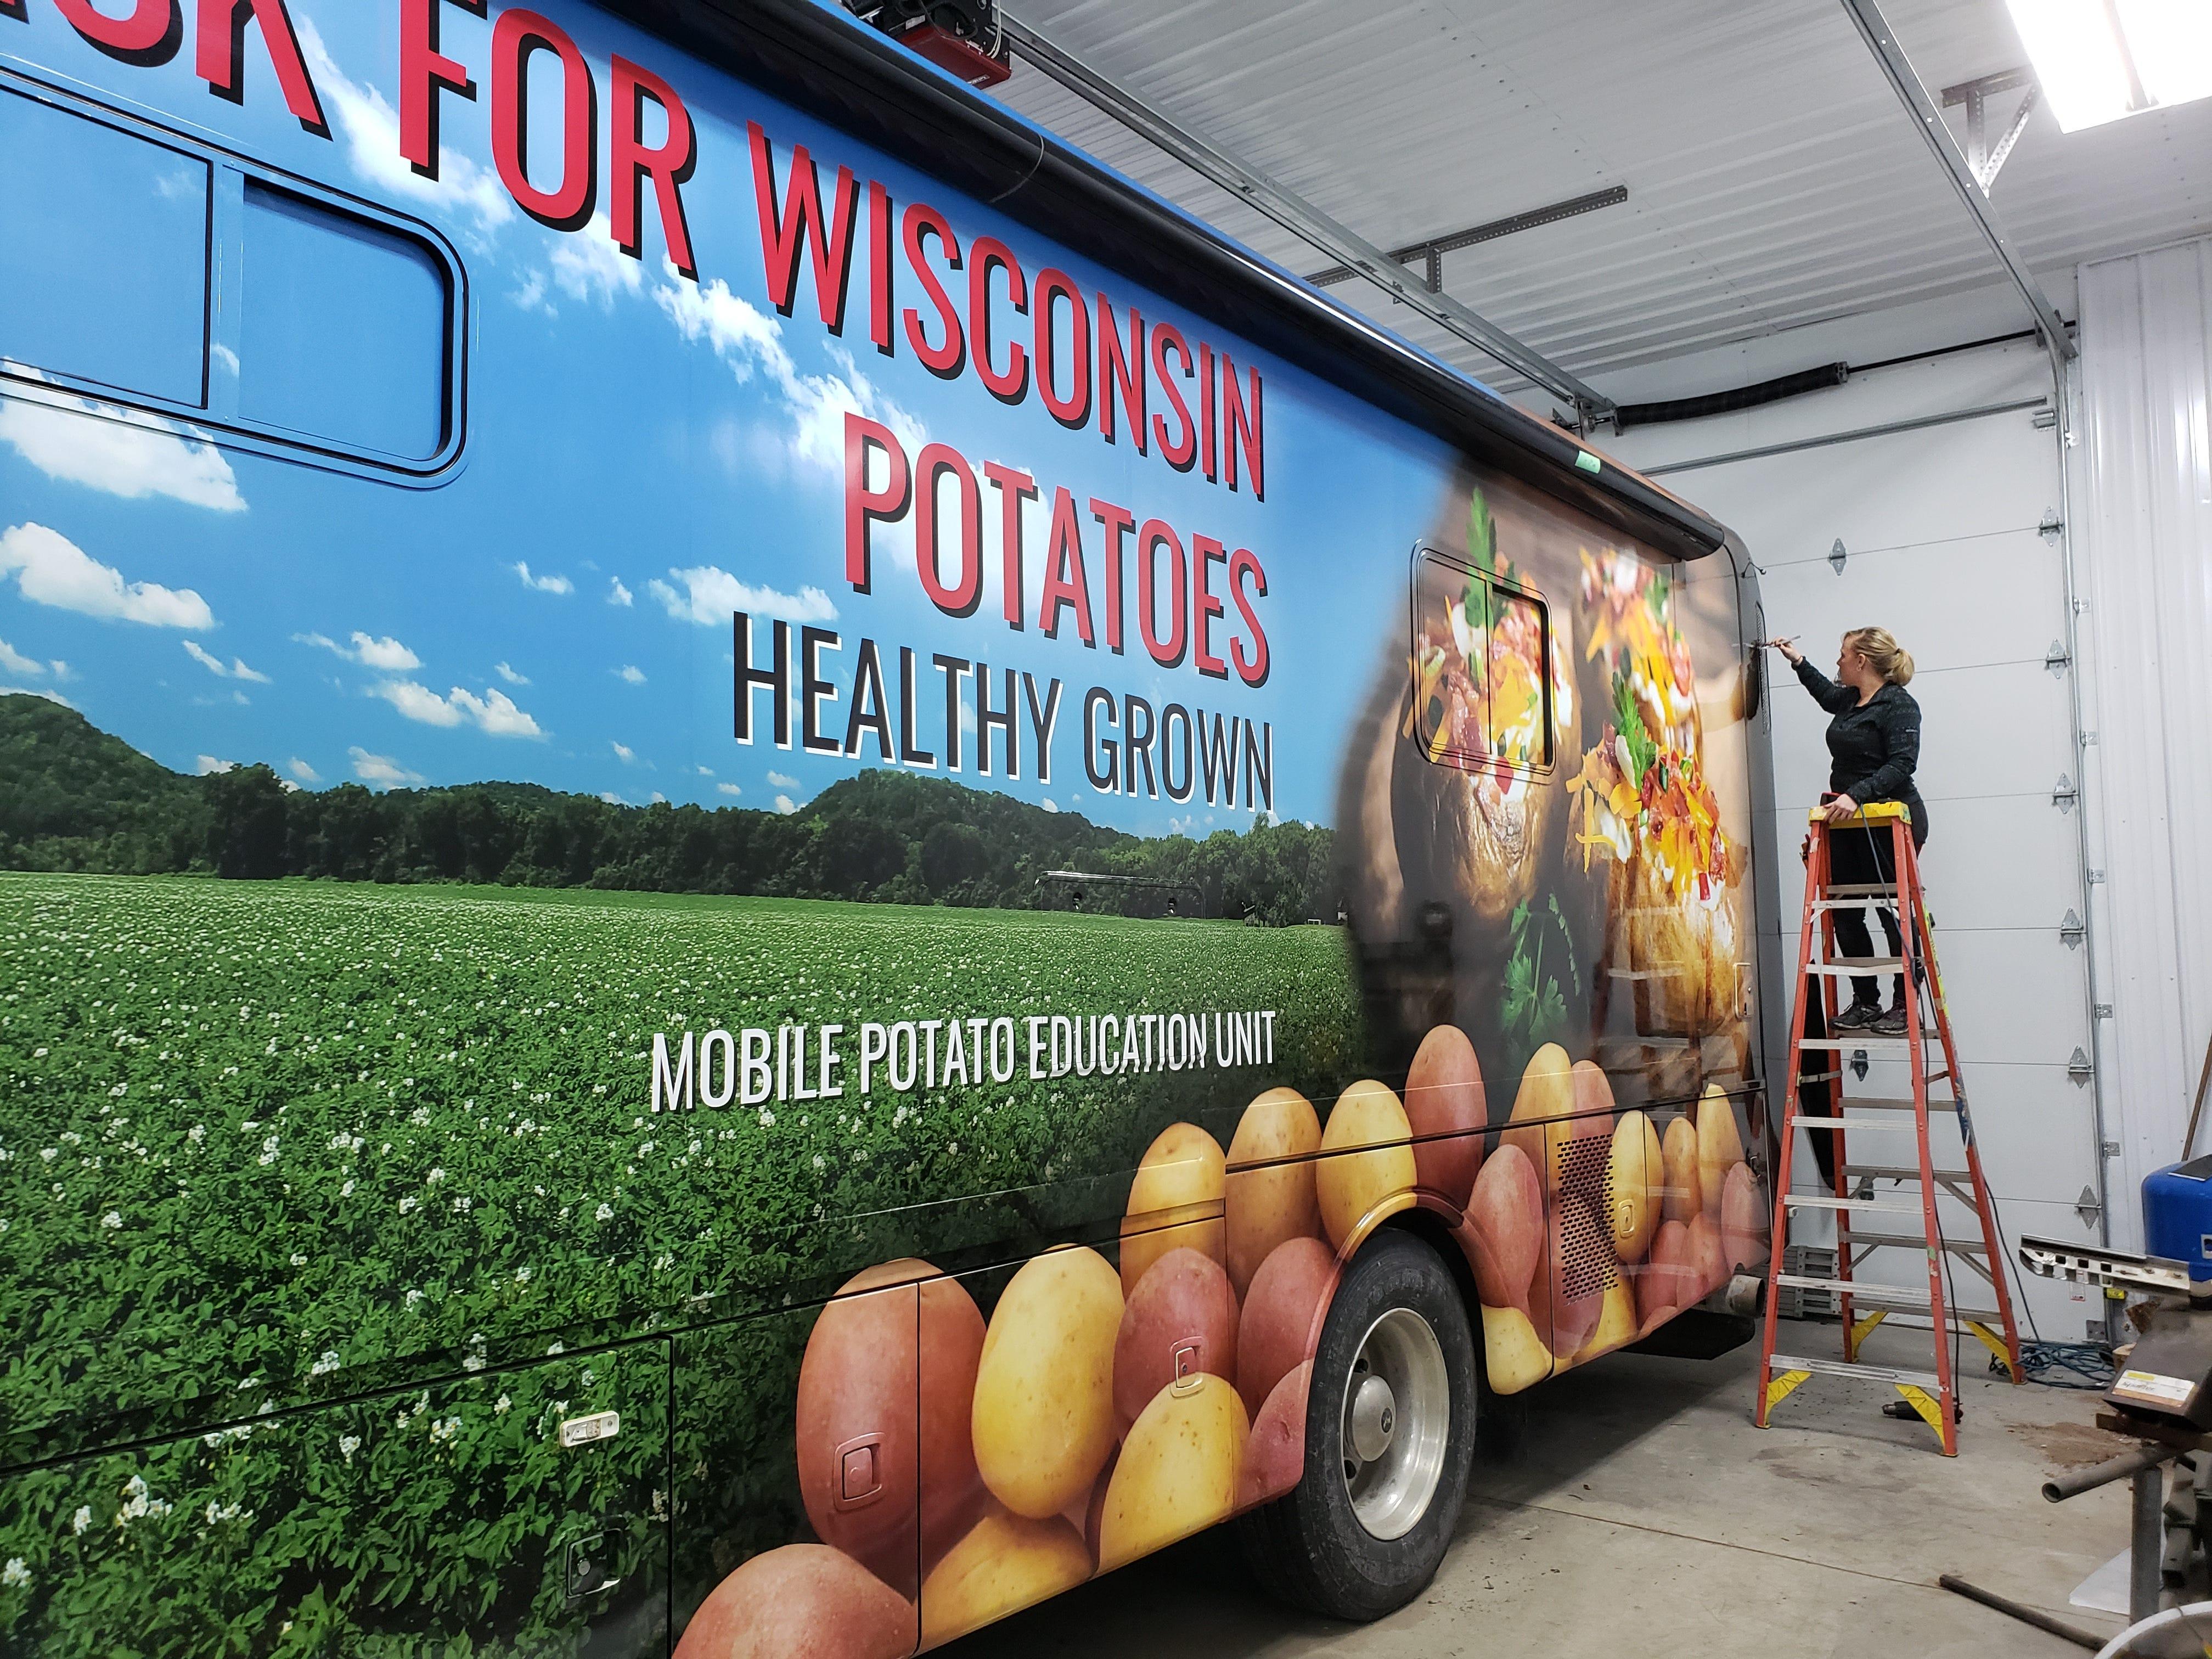 Wisconsin's traveling billboard receives new look